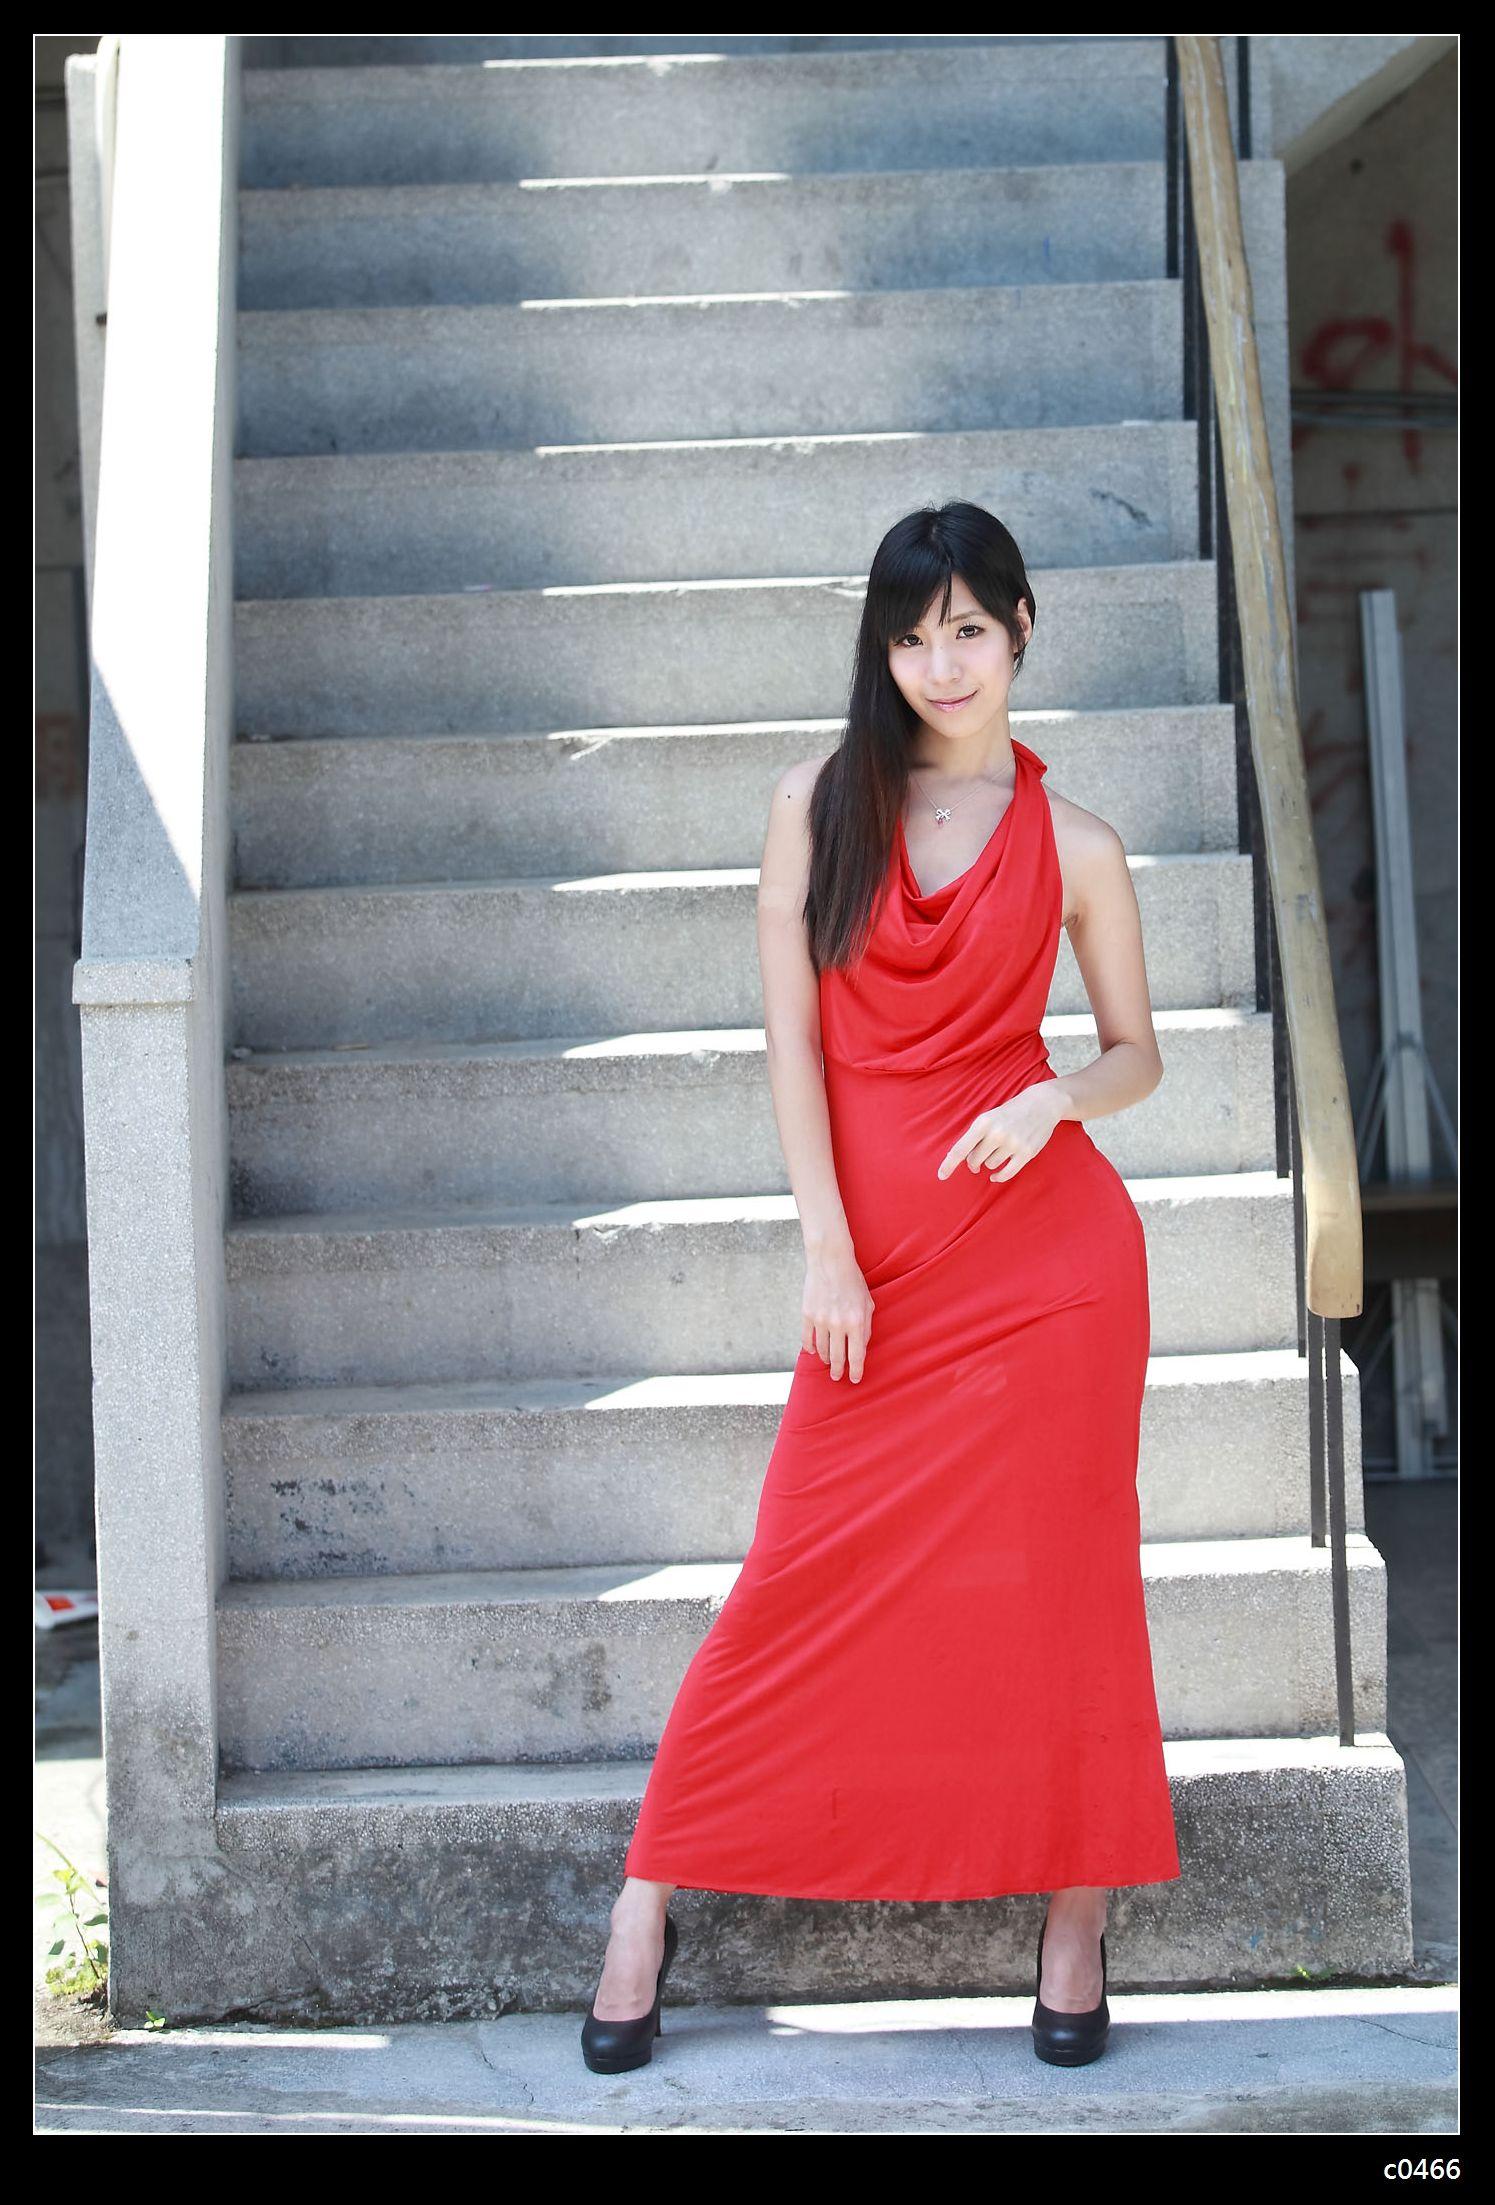 DCView 數位視野 - 作品發表區 - 紅禮服美女-徐子瀅